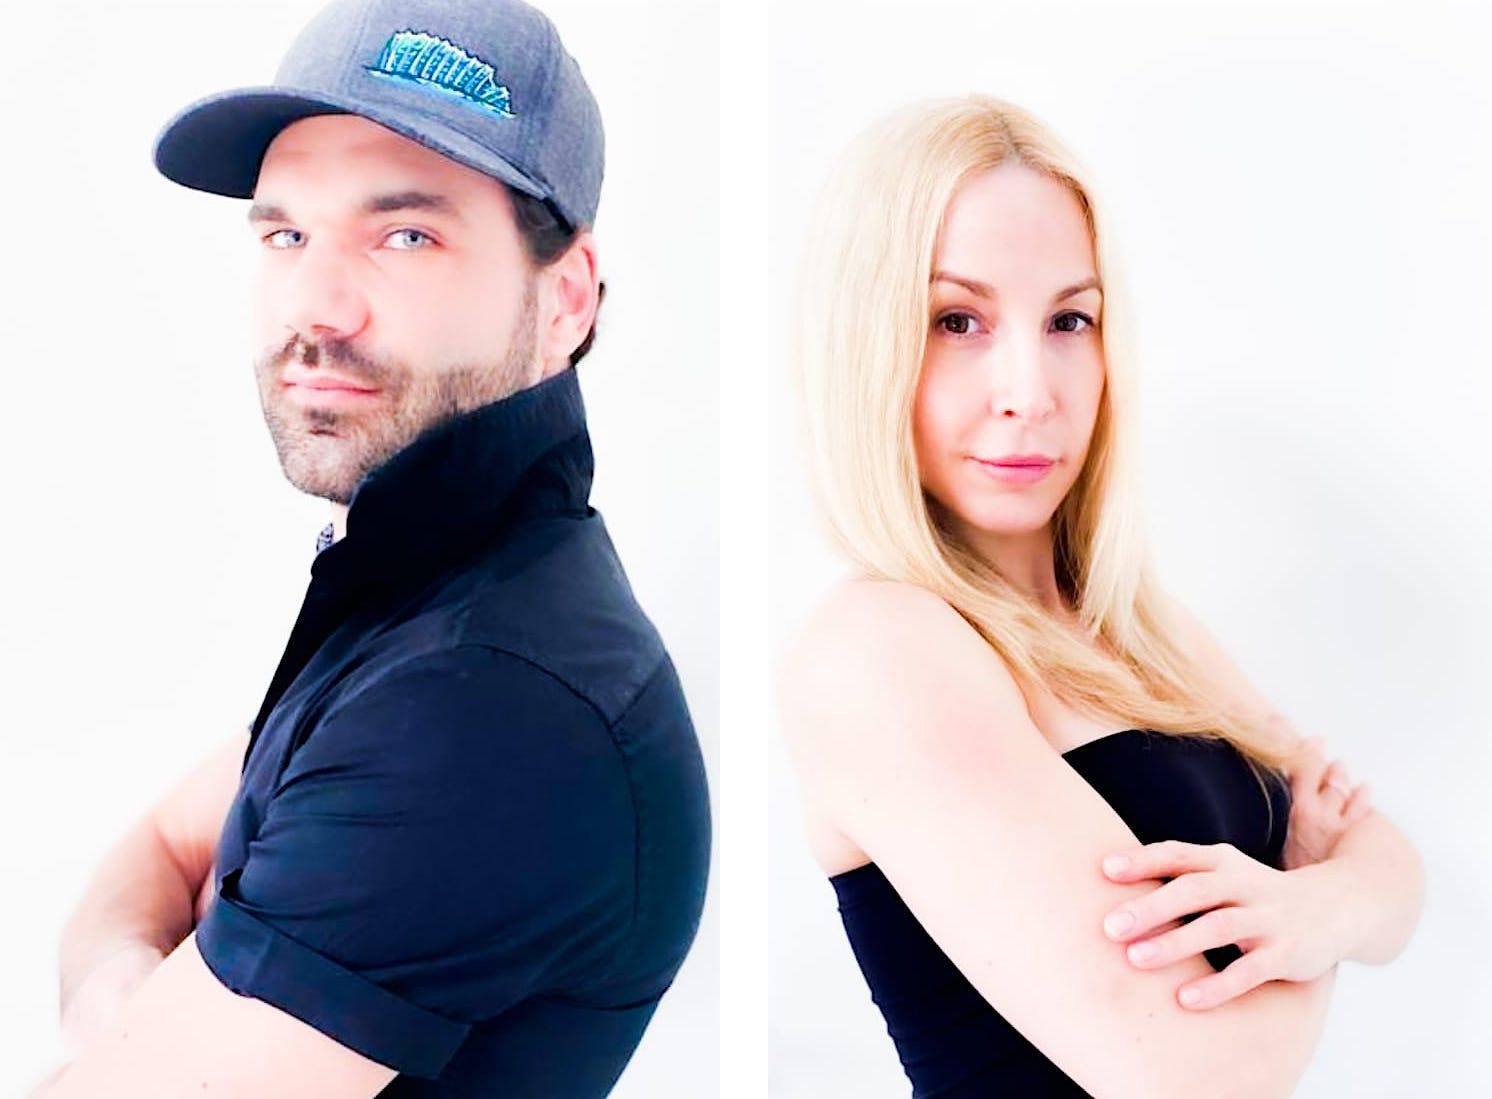 Hochzeit Mike Cees Michelle Monballijn Heirat Standesamt Ehe Eheleute geheiratet Model Schauspieler